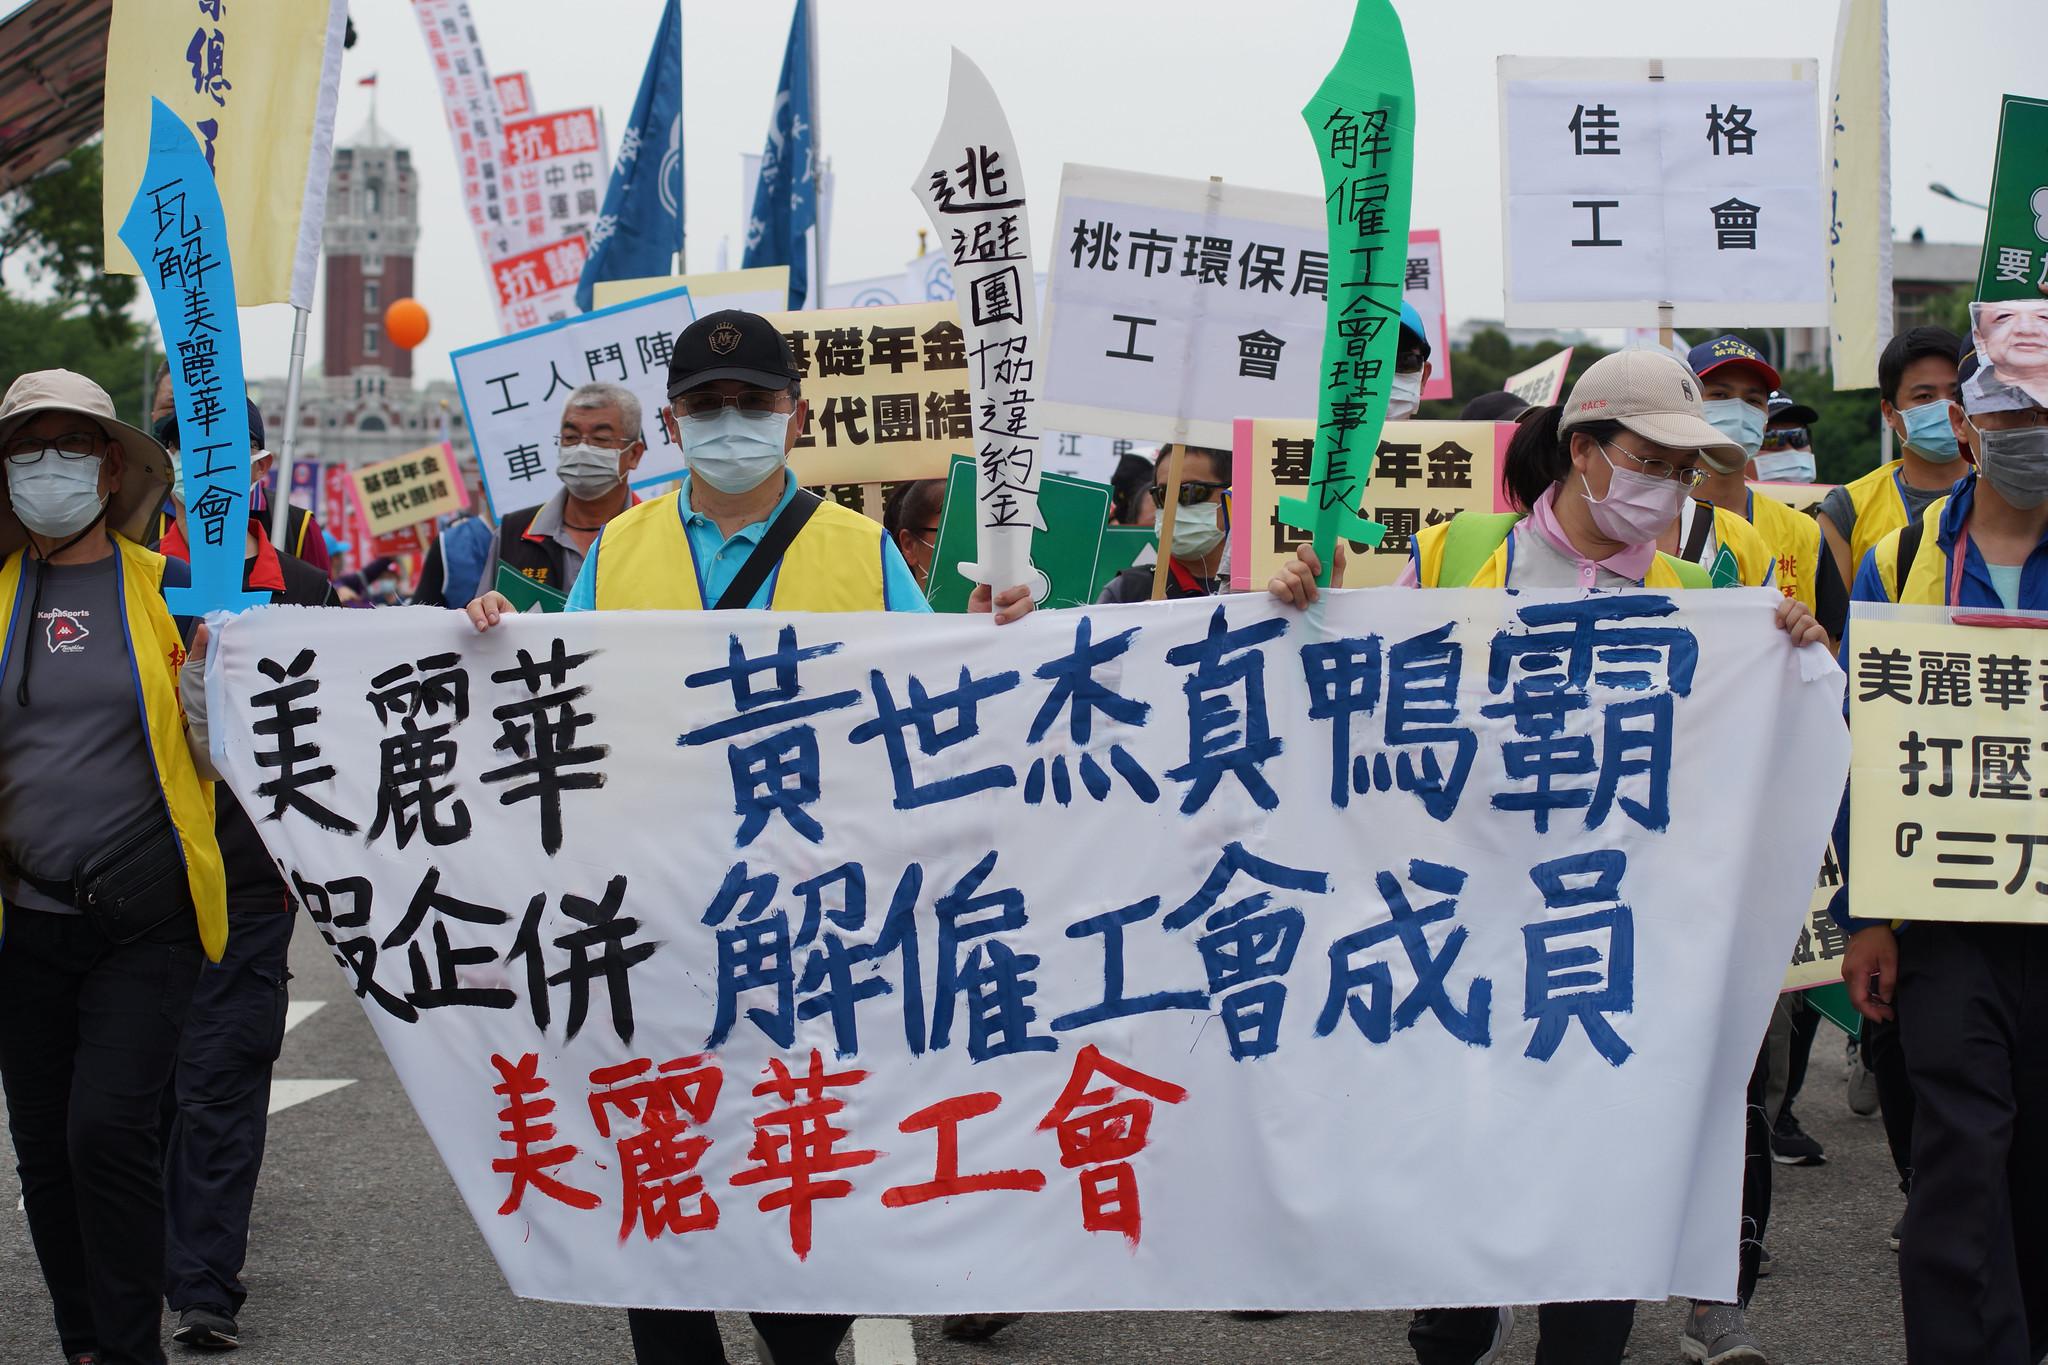 美麗華上個月解雇工會理事長黃文正,並把所有員工分割到三家公司,無視勞動部不當勞動行為委員會的裁決,工會目前仍持續抗爭中。(攝影:王顥中)